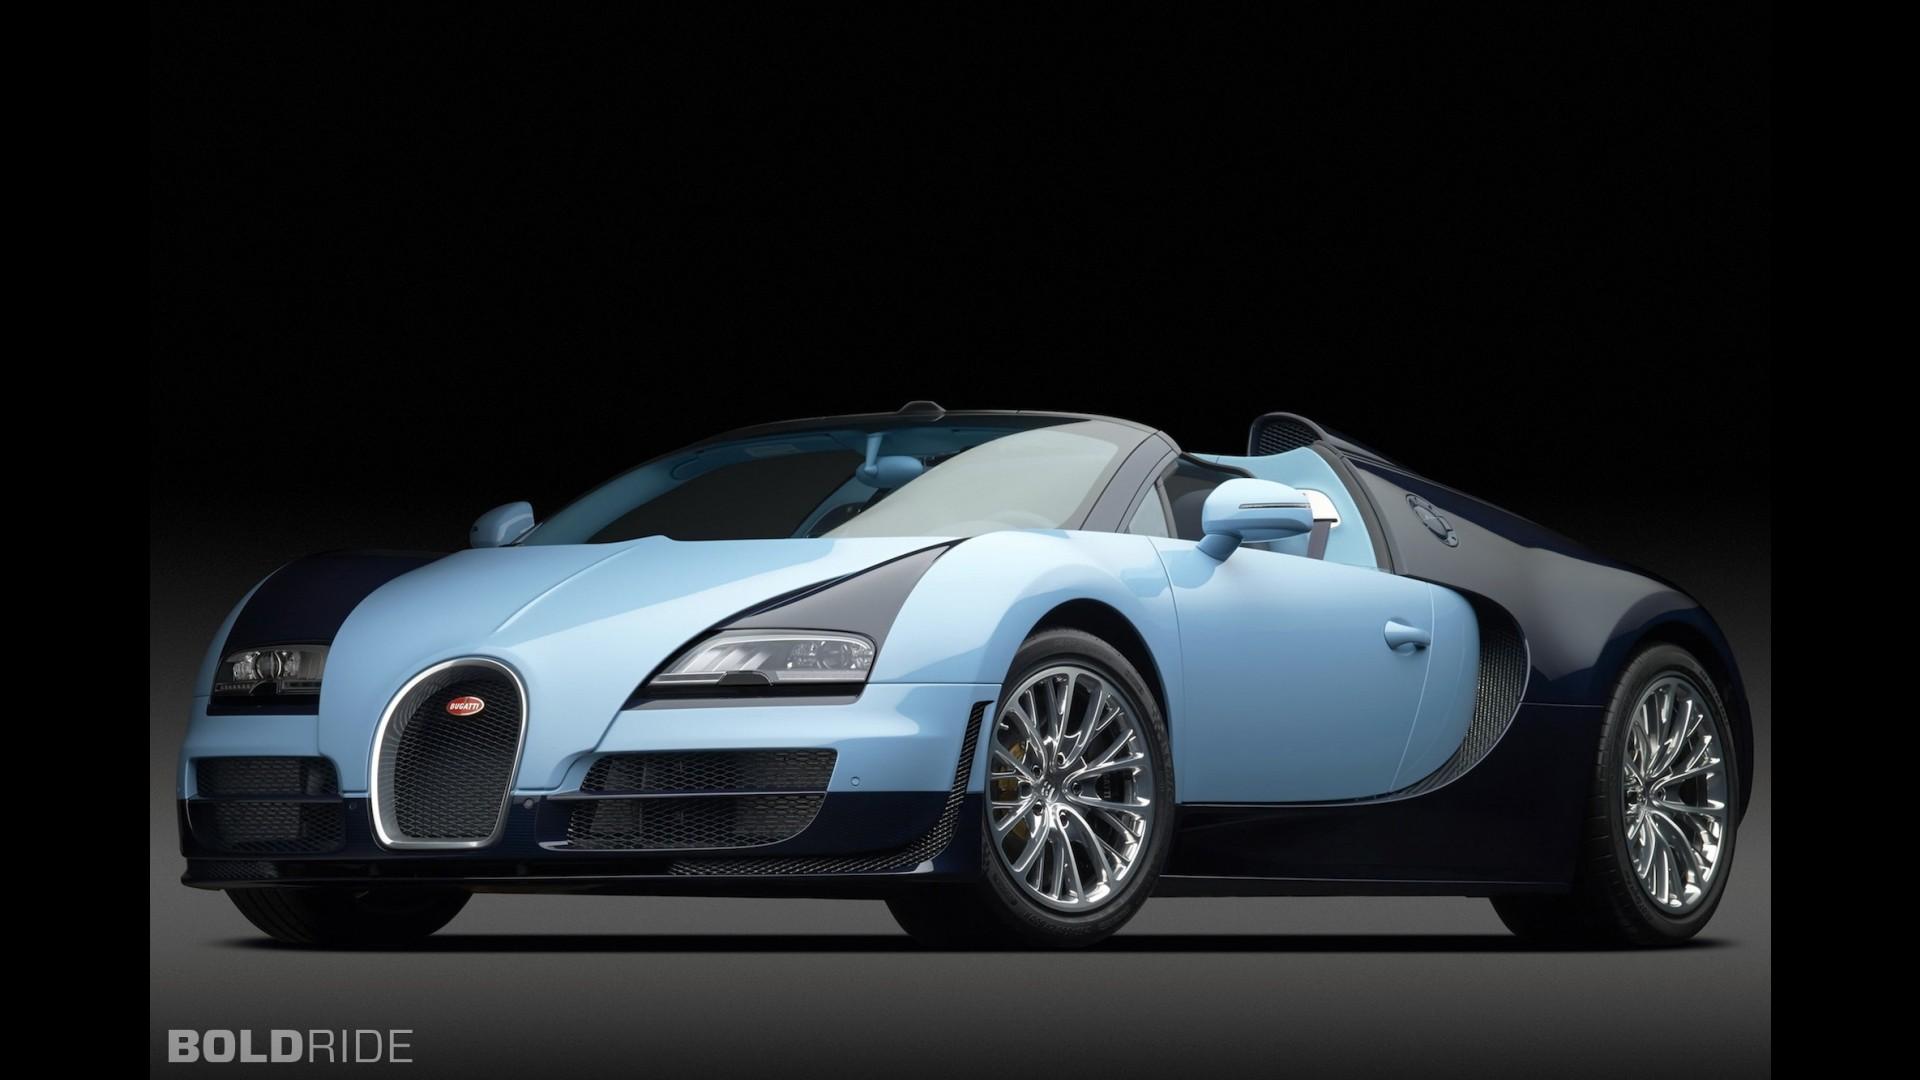 bugatti-veyron-grand-sport-vitesse-legend-jean-pierre-wimille-special-edition Terrific Bugatti Veyron 16.4 Grand Sport Vitesse Prix Cars Trend